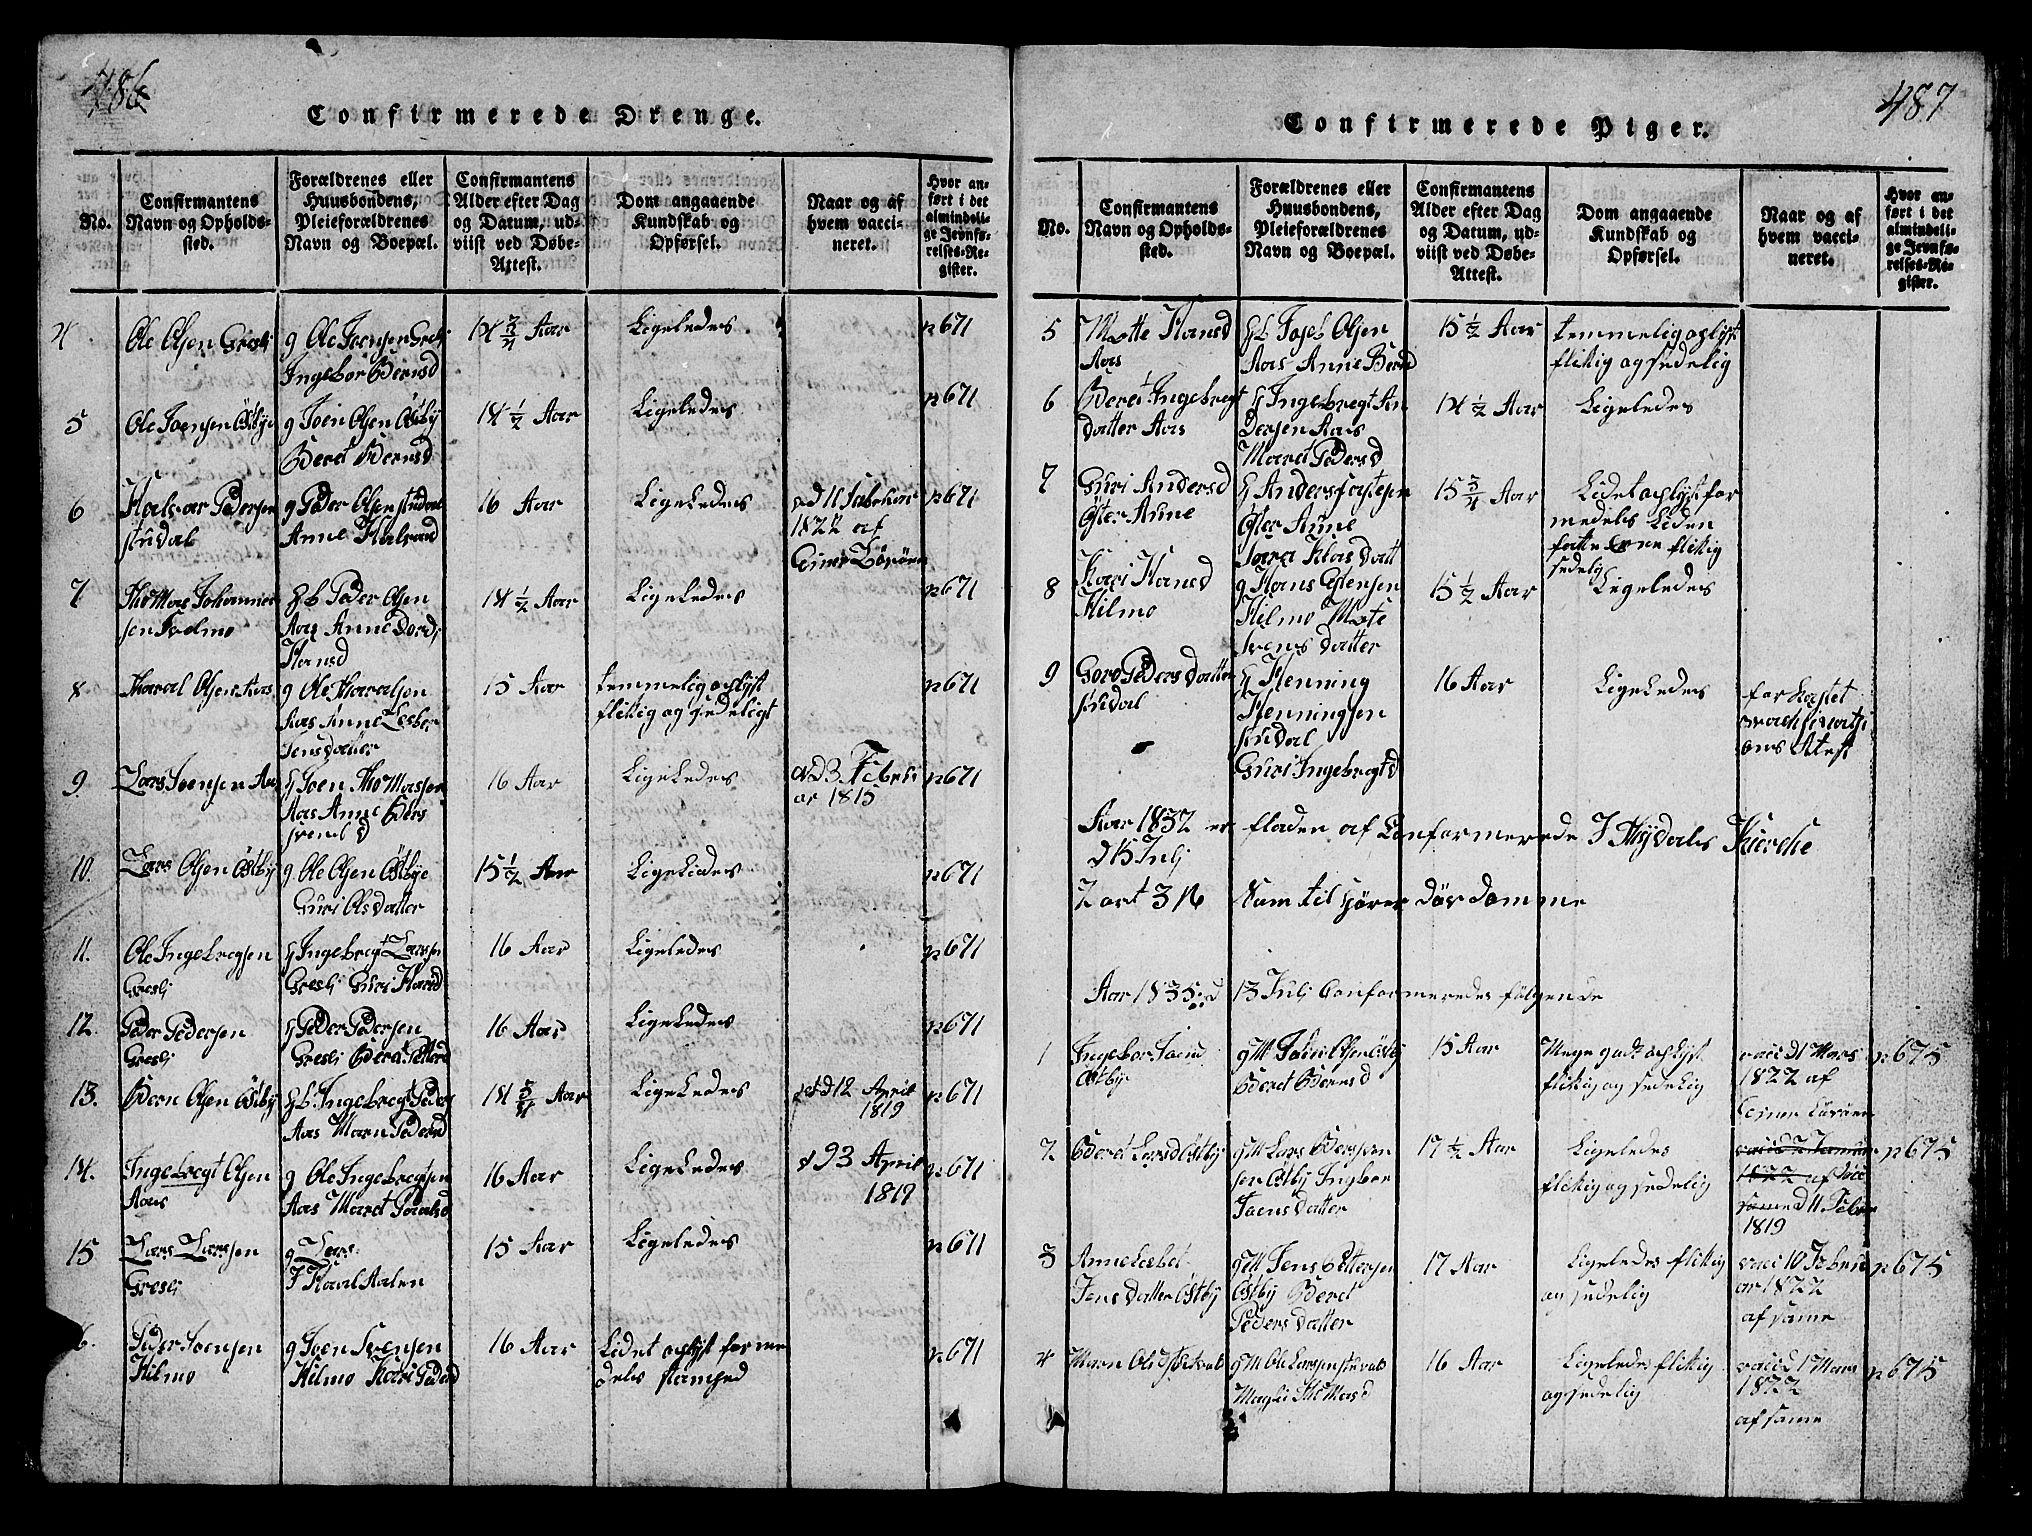 SAT, Ministerialprotokoller, klokkerbøker og fødselsregistre - Sør-Trøndelag, 698/L1164: Klokkerbok nr. 698C01, 1816-1861, s. 486-487